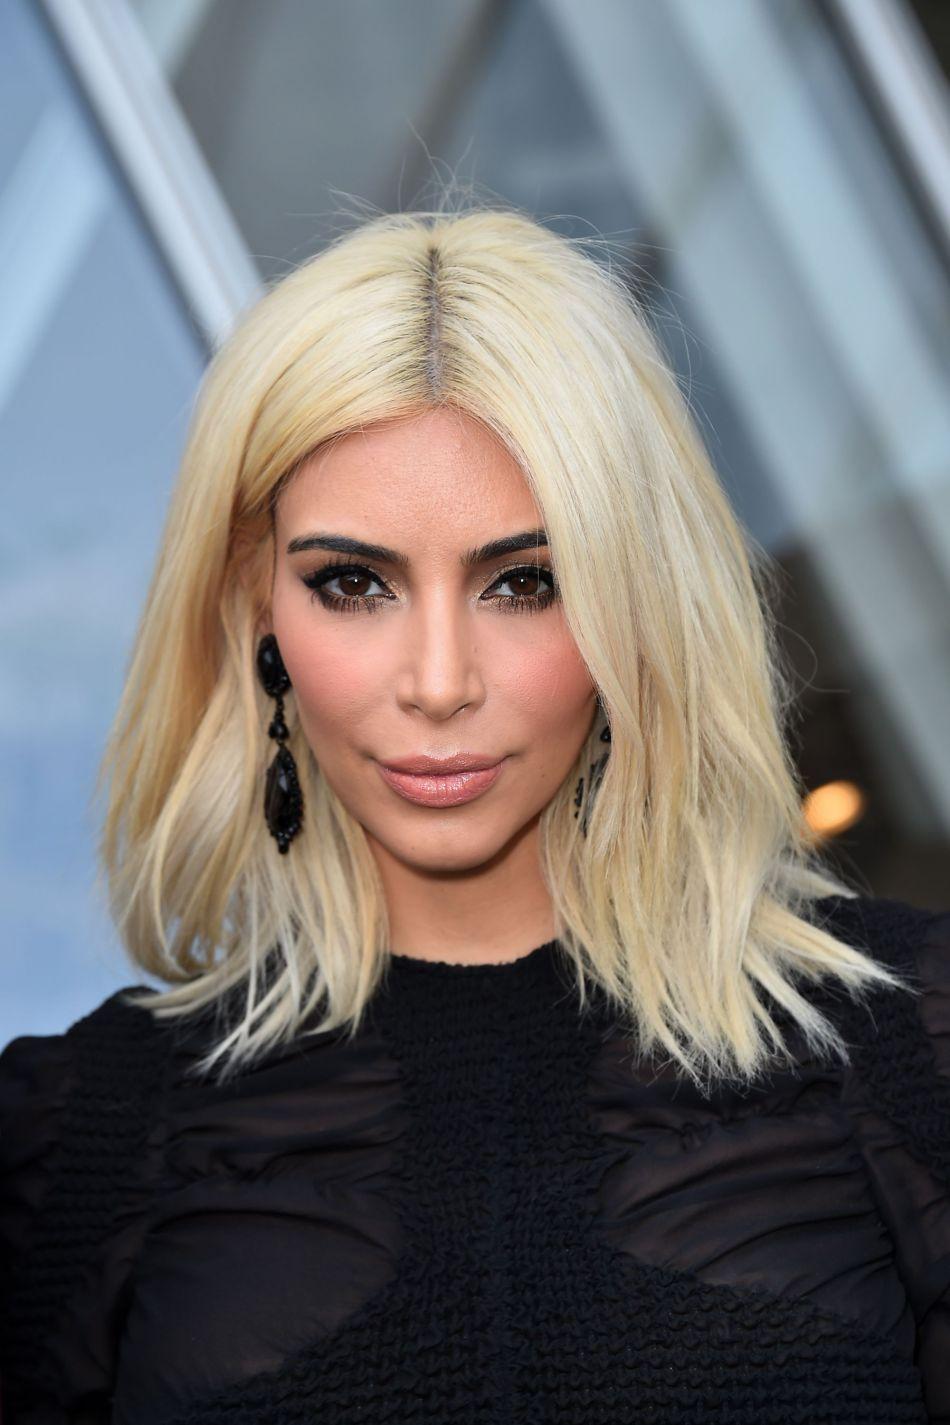 Kim Kardashian A Fait Du Carru00e9 Long Blond Une Coiffure Emblu00e9matique - Puretrend